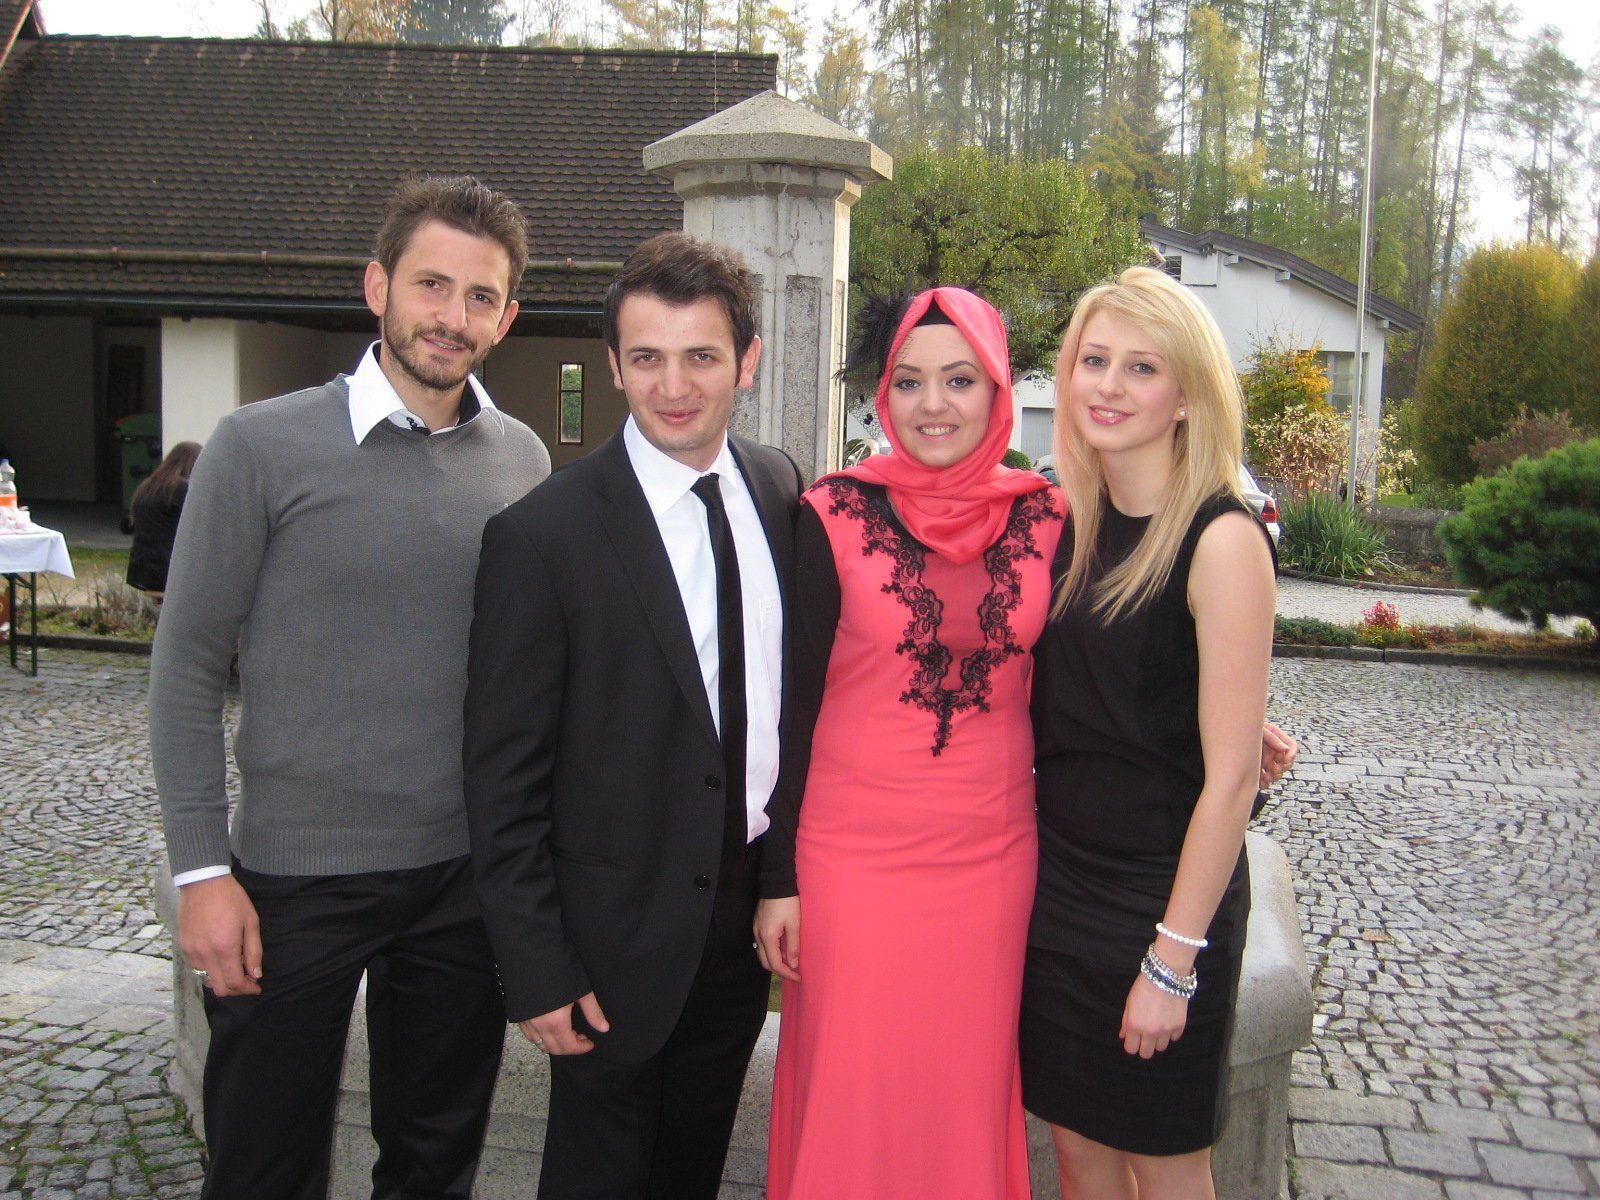 Nermin Karabulut und Aslan Altuntas haben geheiratet.